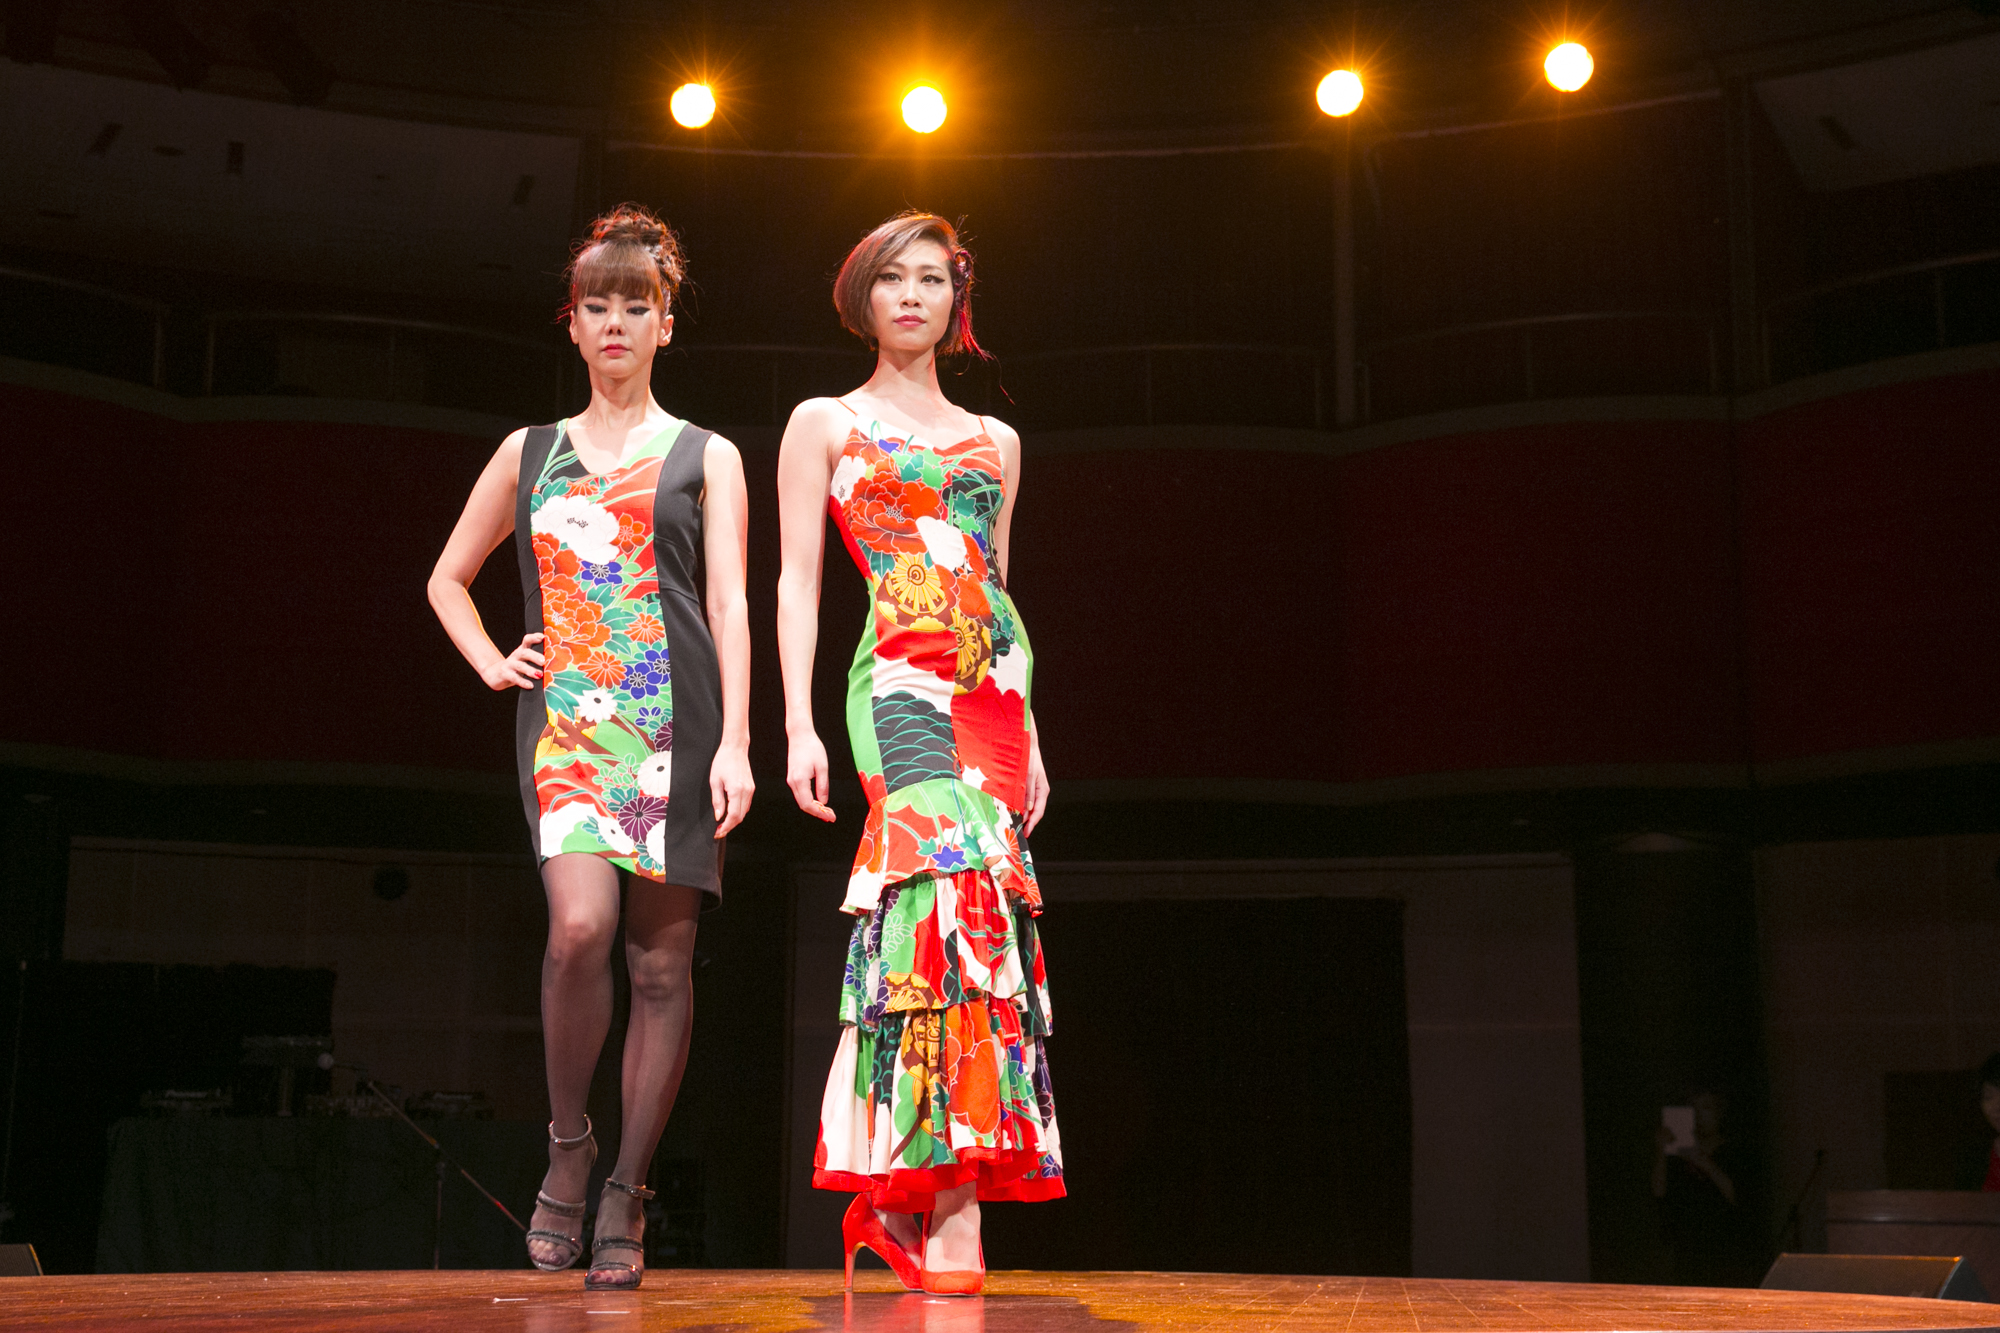 3部~showtimeNYの旅へ④【NYスタイル★Xmas&Happy newyearパーティー】special guests ☆kimonoドレス fashion show (美Japon)編~